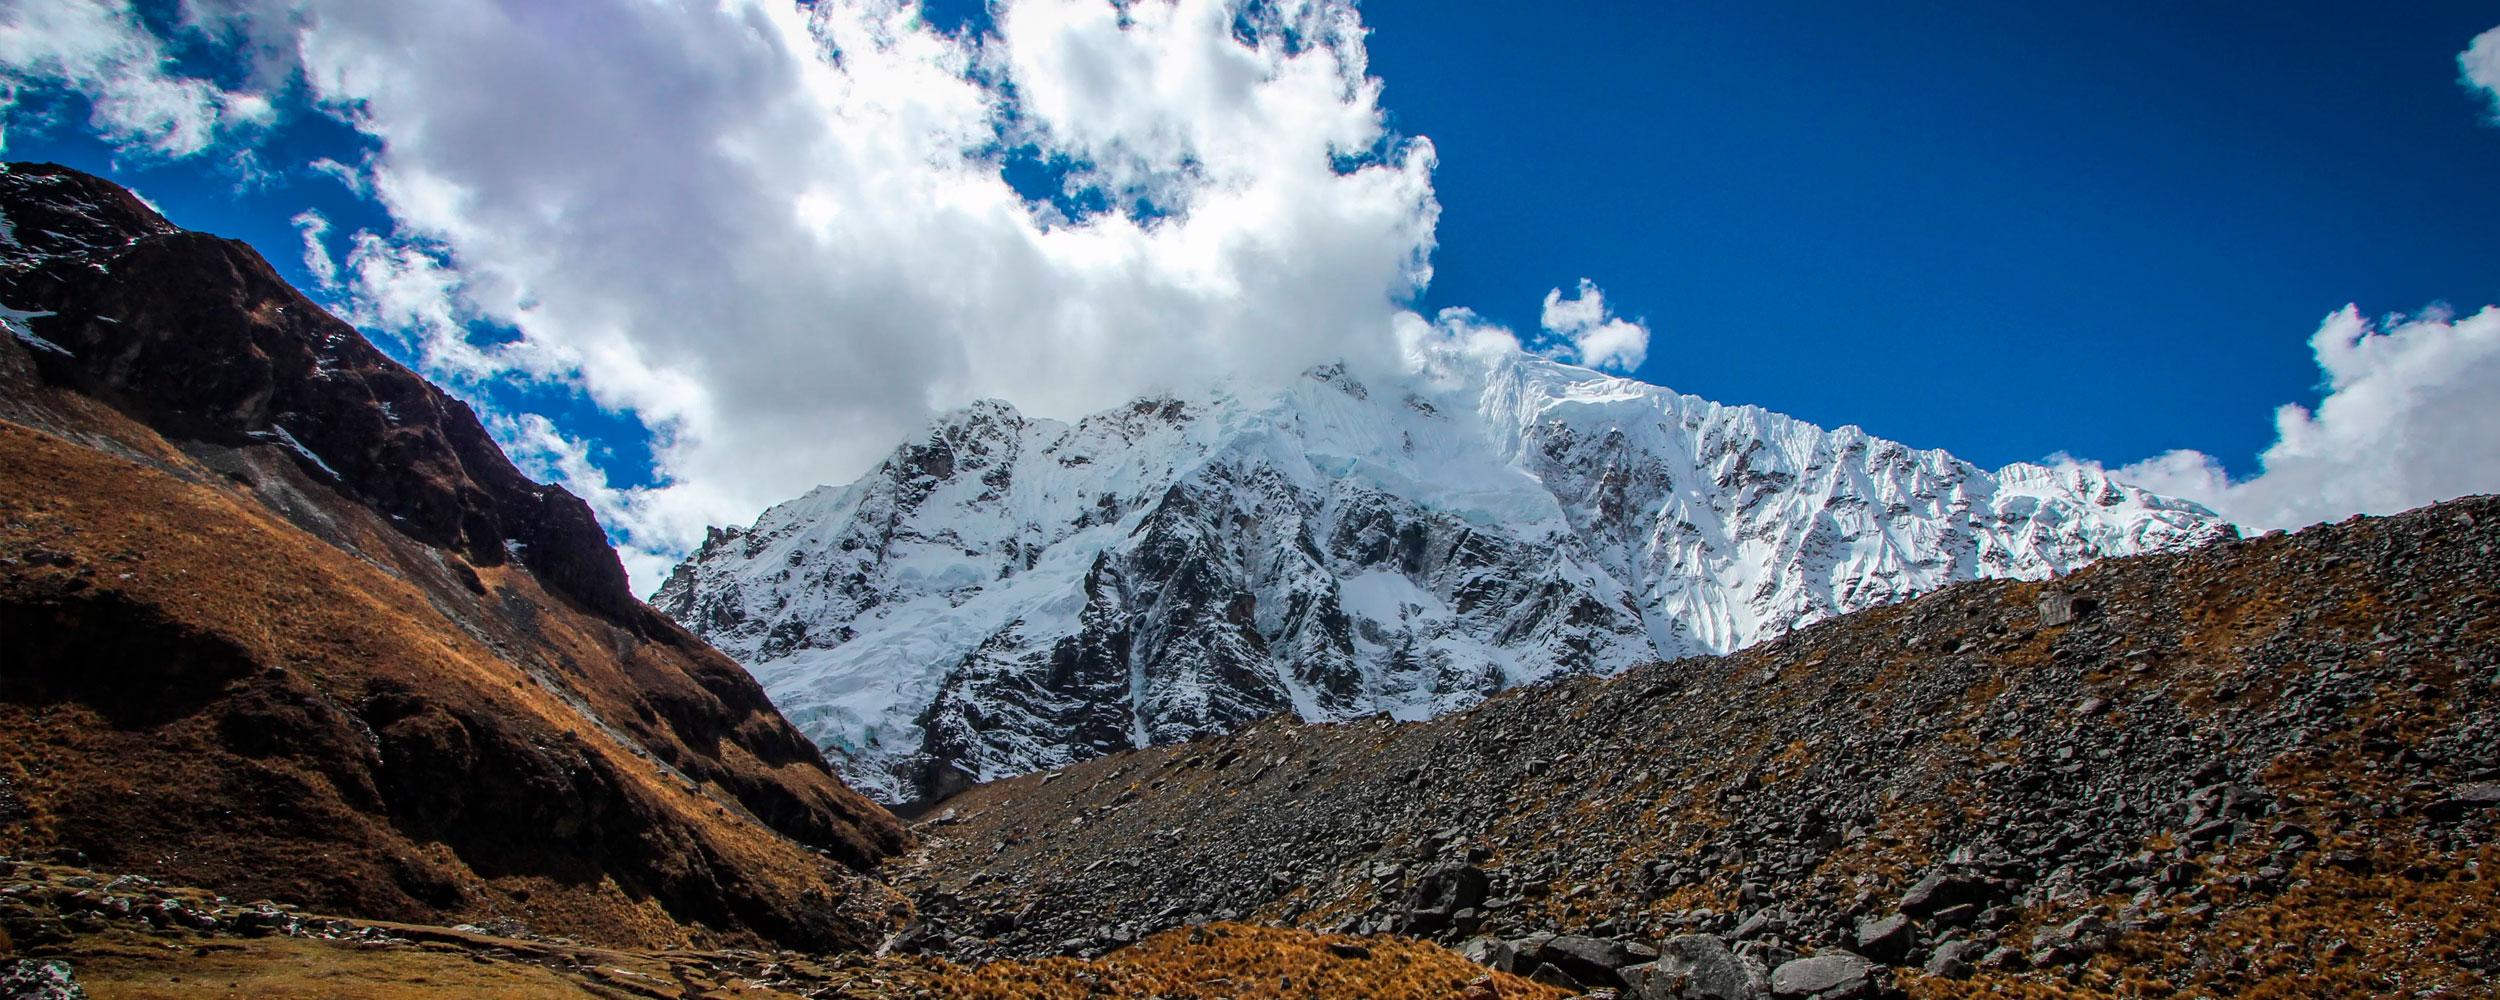 salkantay-inca-trail-3